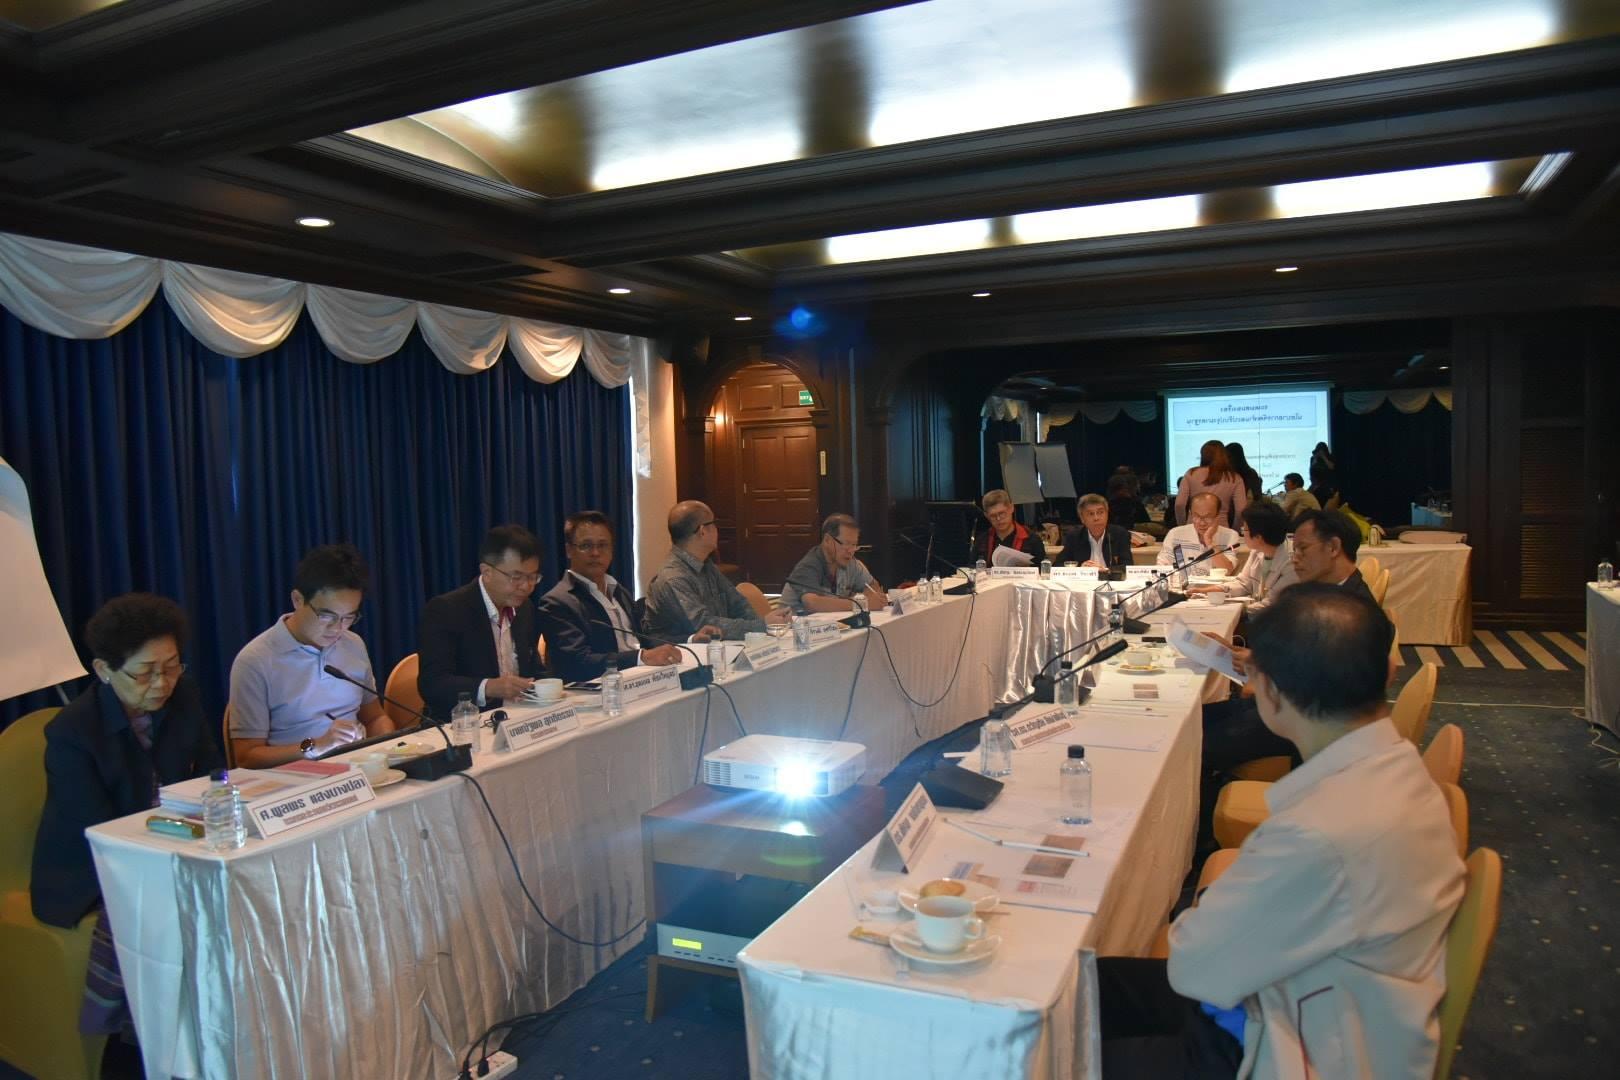 การประชุมระดมสมองเรื่องนโยบายมาตรฐานแห่งชาติ และการประชุมคณะกรรมการอำนวยการสัญจร วิศวกรรมสถานแห่งประเทศไทย ในพระบรมราชูปถัมภ์